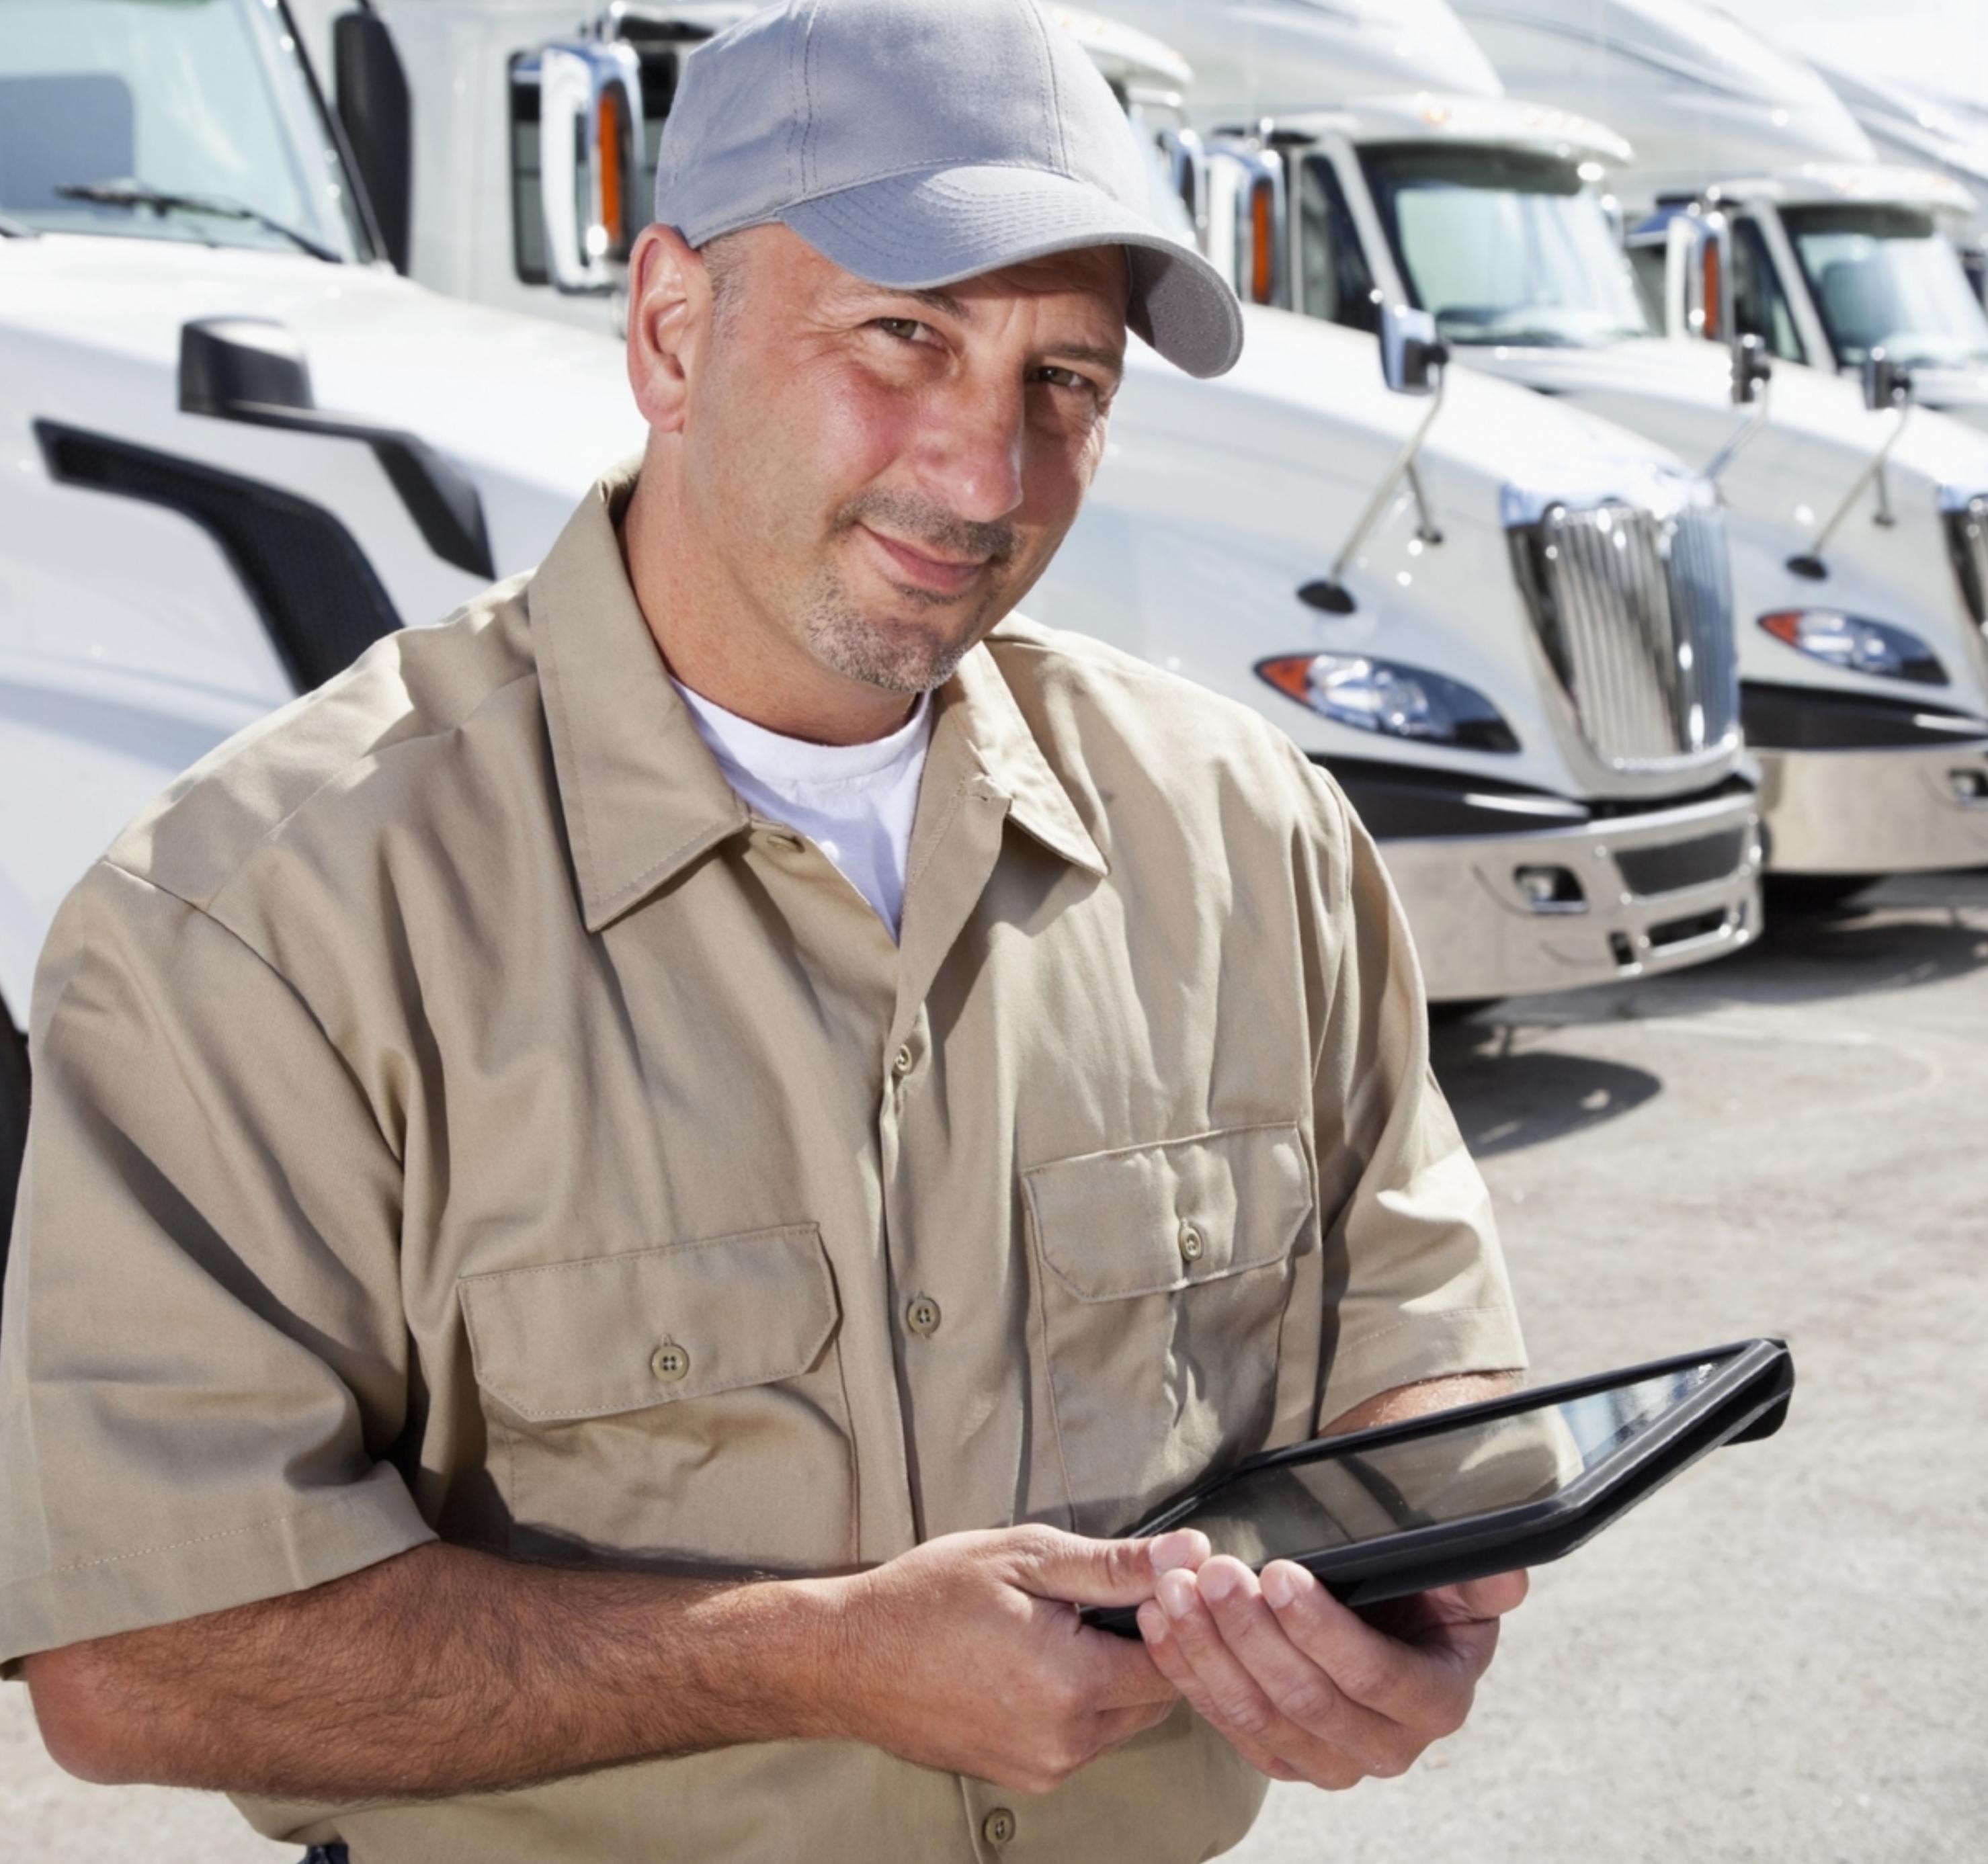 Truck Pre-Start Checklist